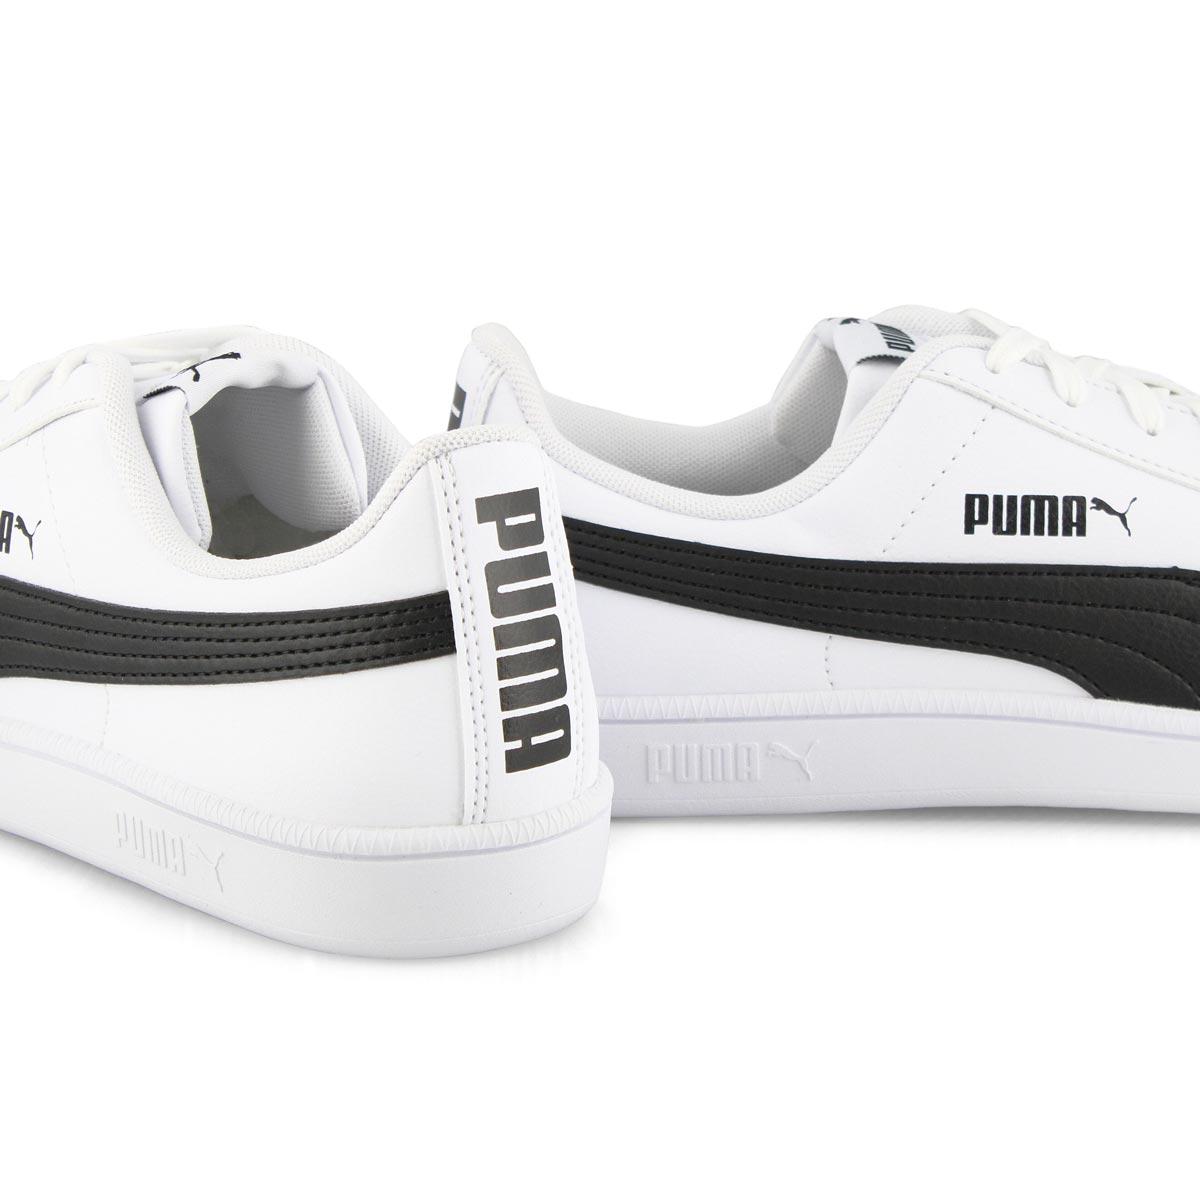 Mns Baseline wht/blk fashion sneaker